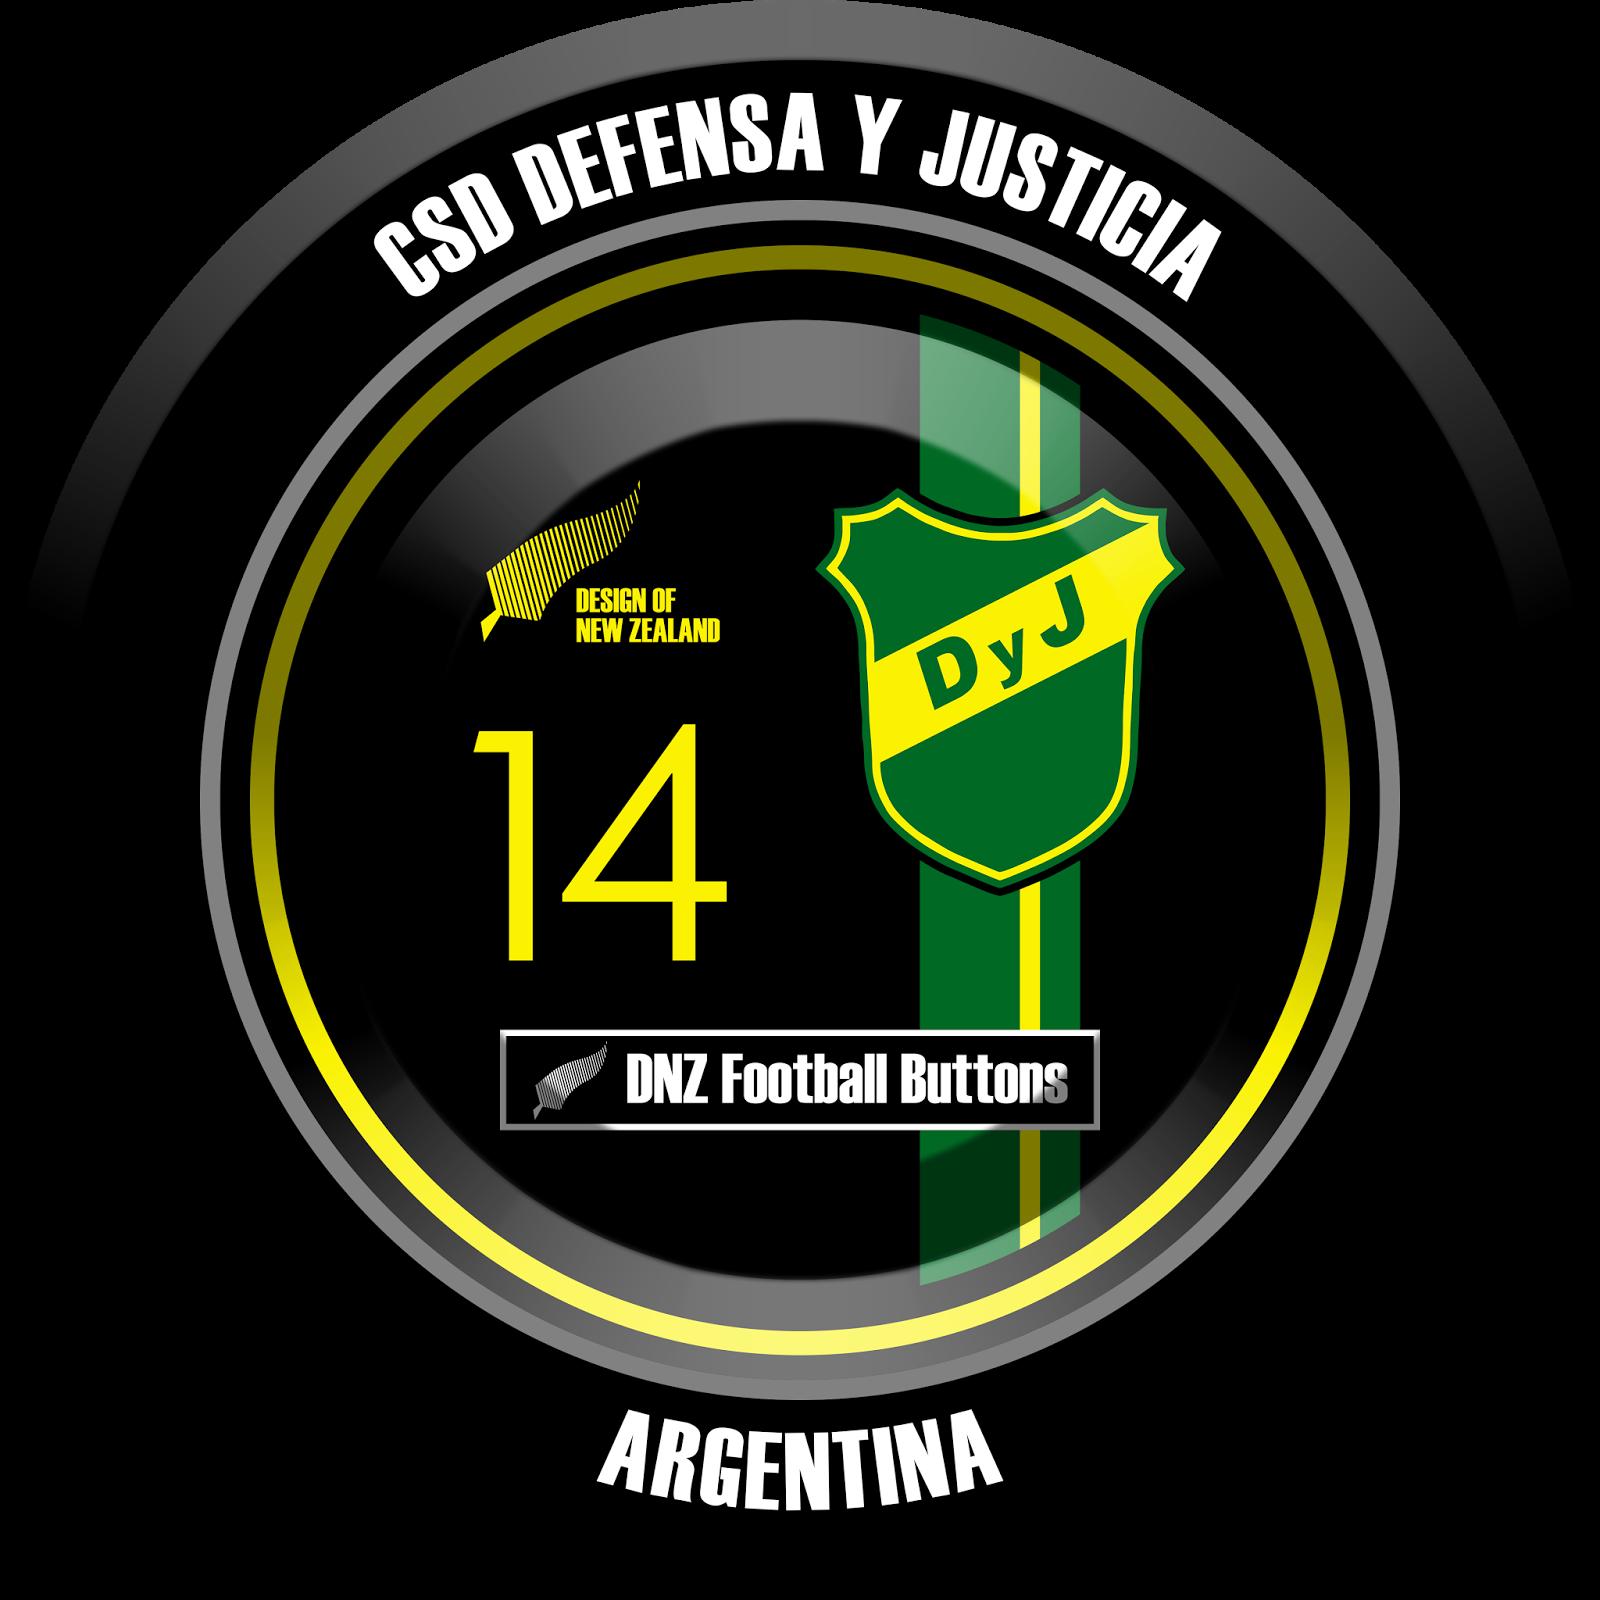 Dnz Football Buttons Csd Defensa Y Justicia